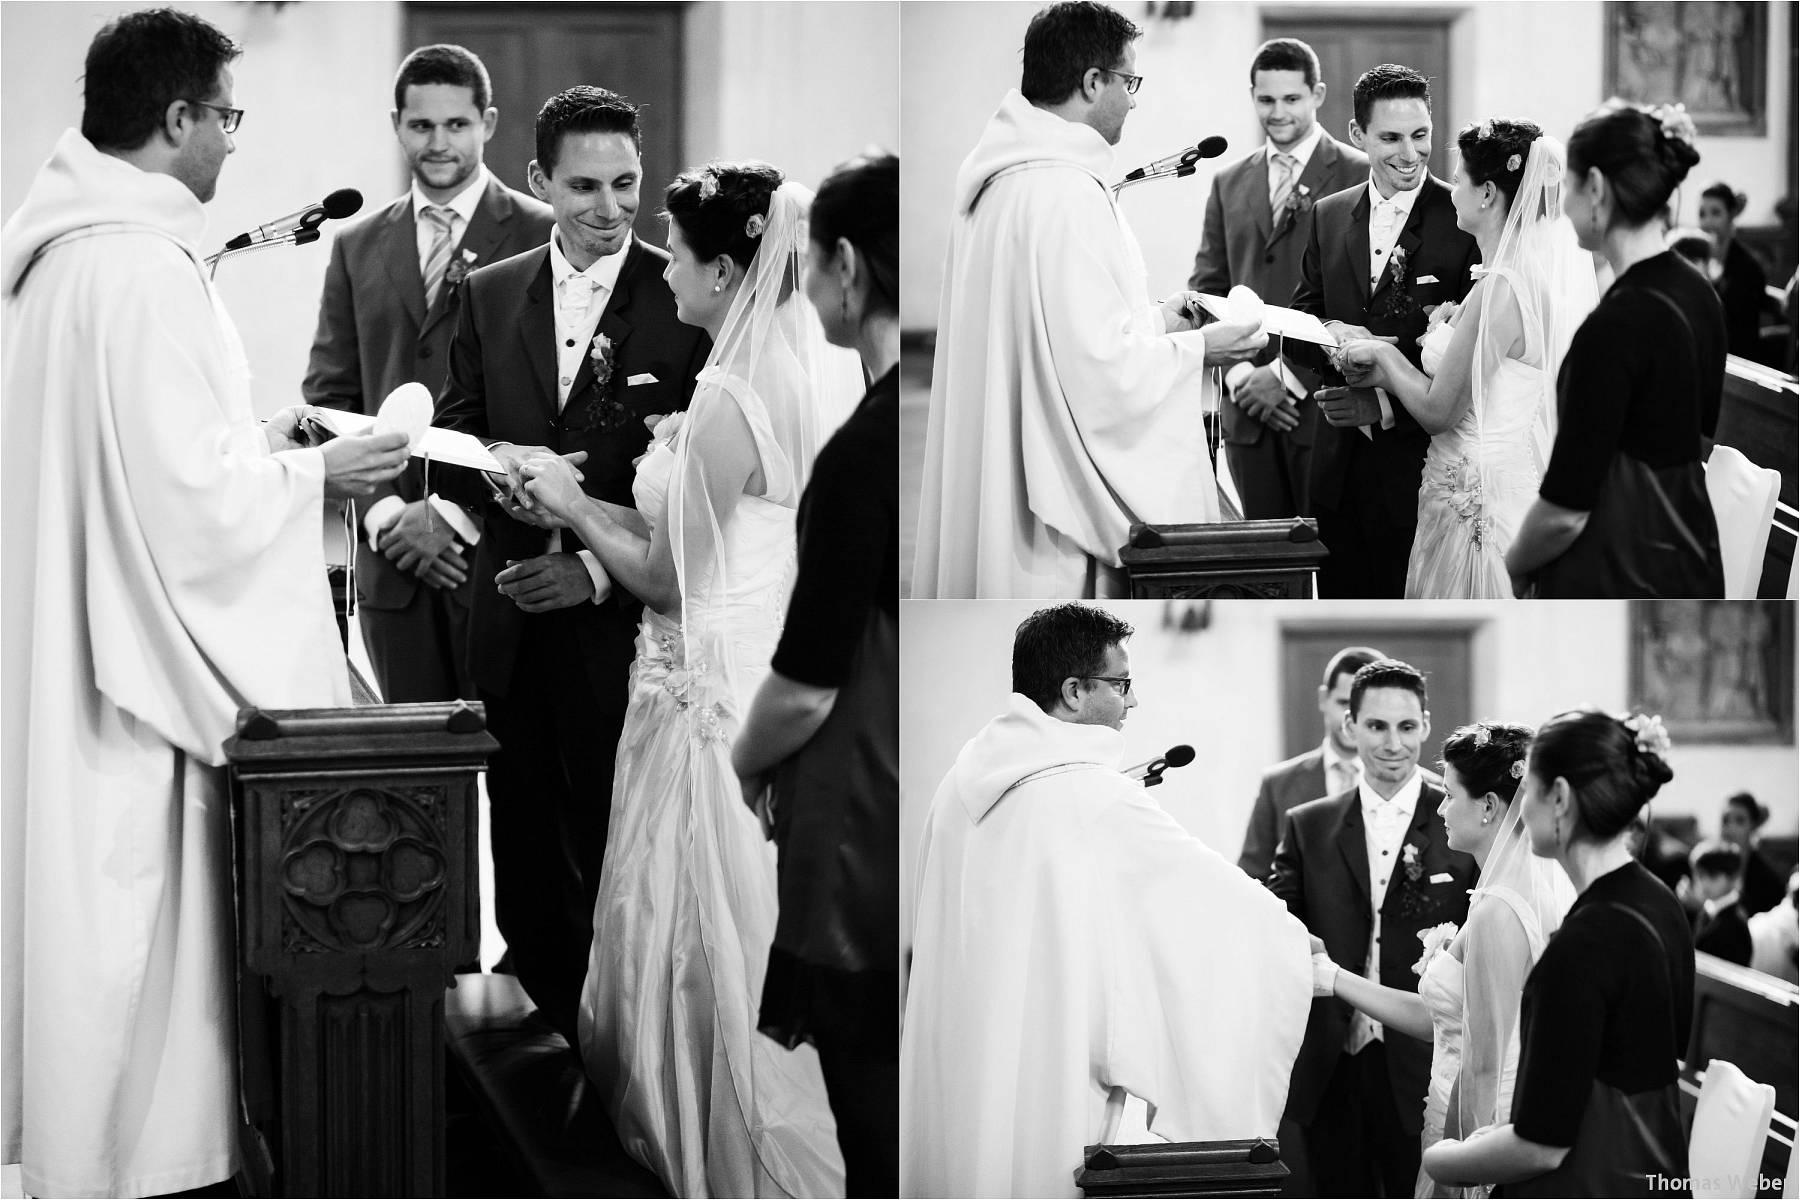 Hochzeitsfotograf Bremen: Kirchliche Trauung in der Propsteikirche St. Johann im Bremer Schnoor und Hochzeitsfeier bei Rogge Dünsen (10)